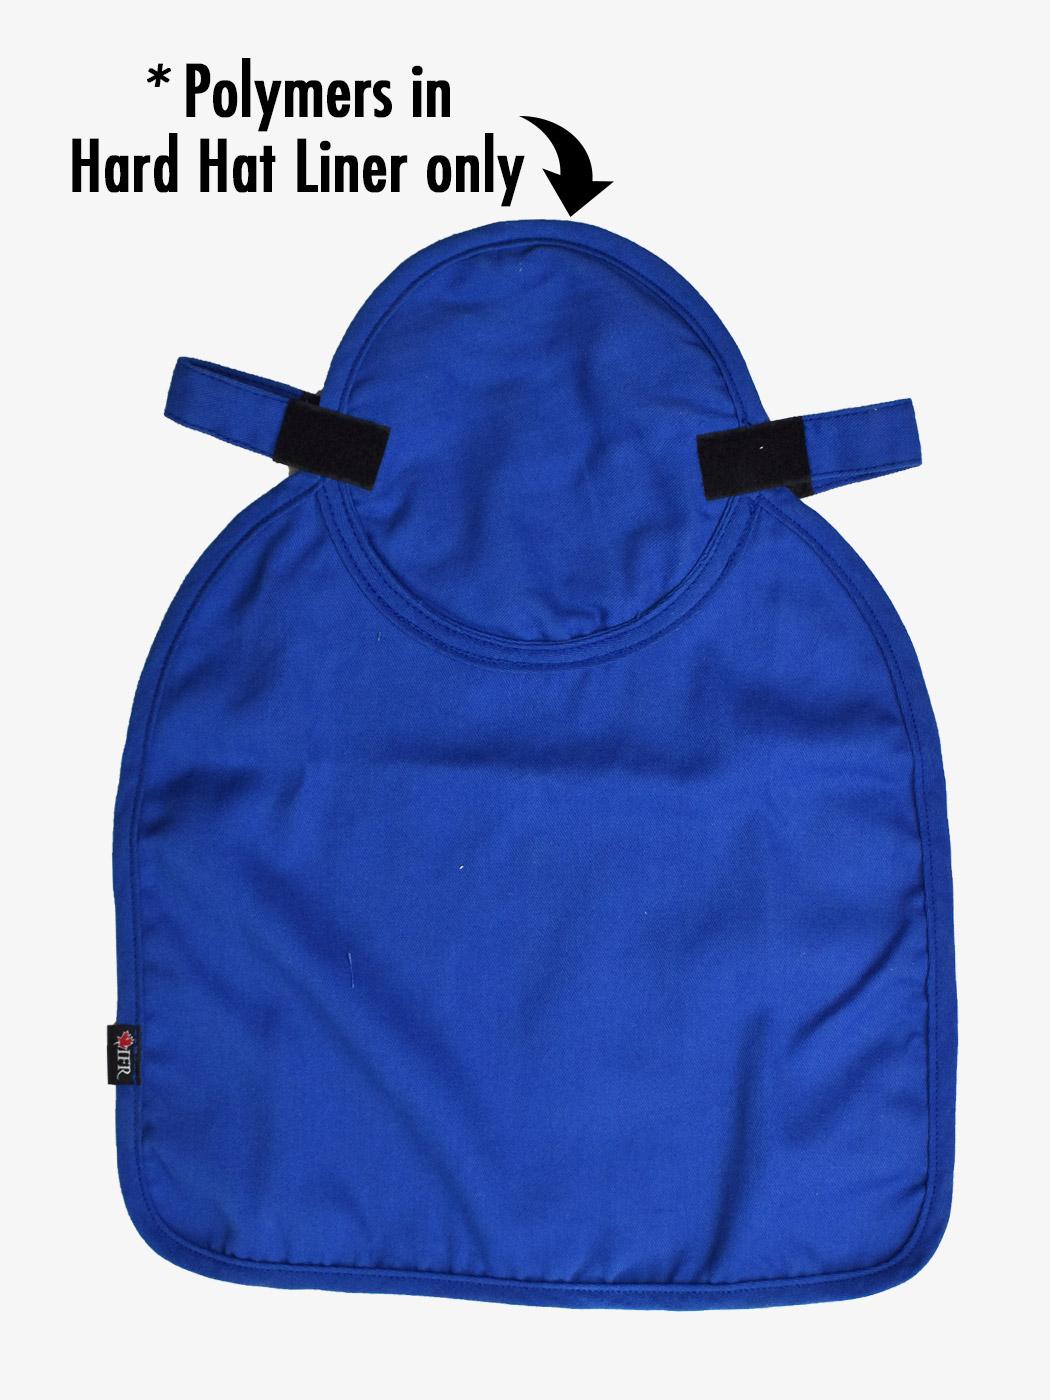 FR Cooling Hard Hat Liner & Neck Shade – Style 184